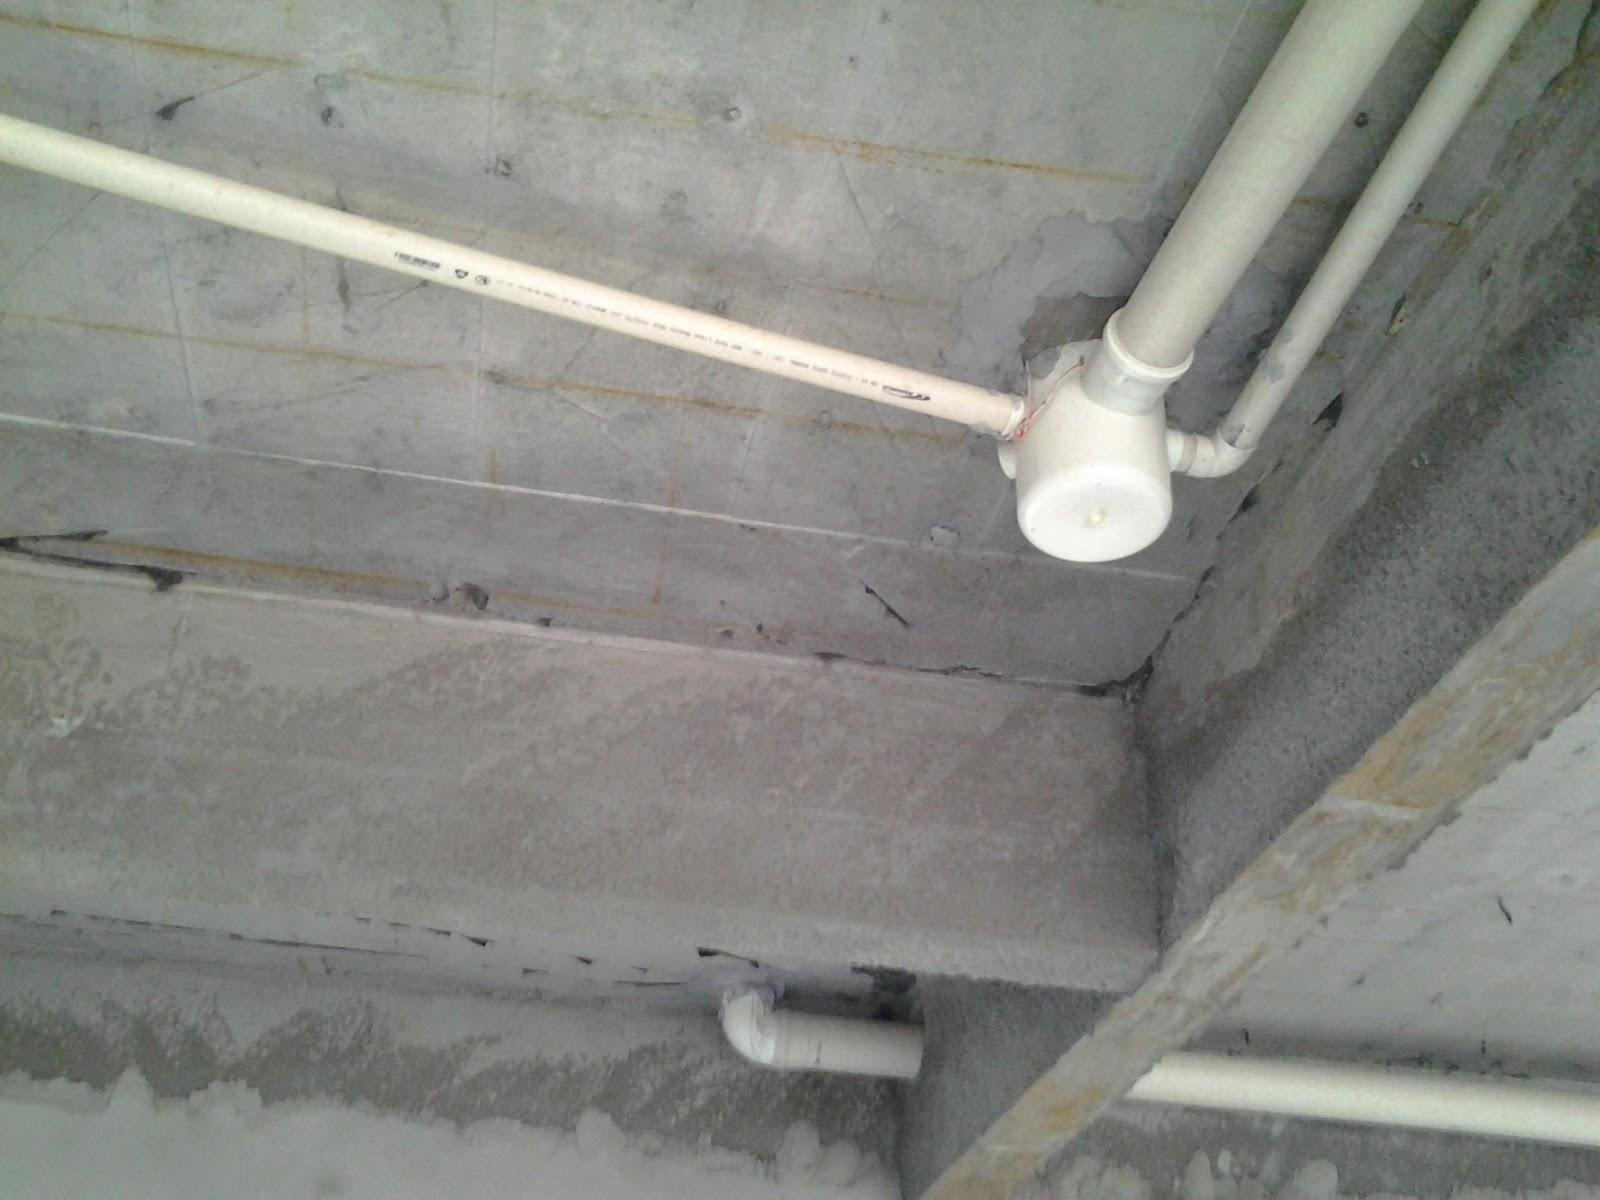 instalação de esgoto no teto.A tubulação é fixada com fio de  #757356 1600 1200